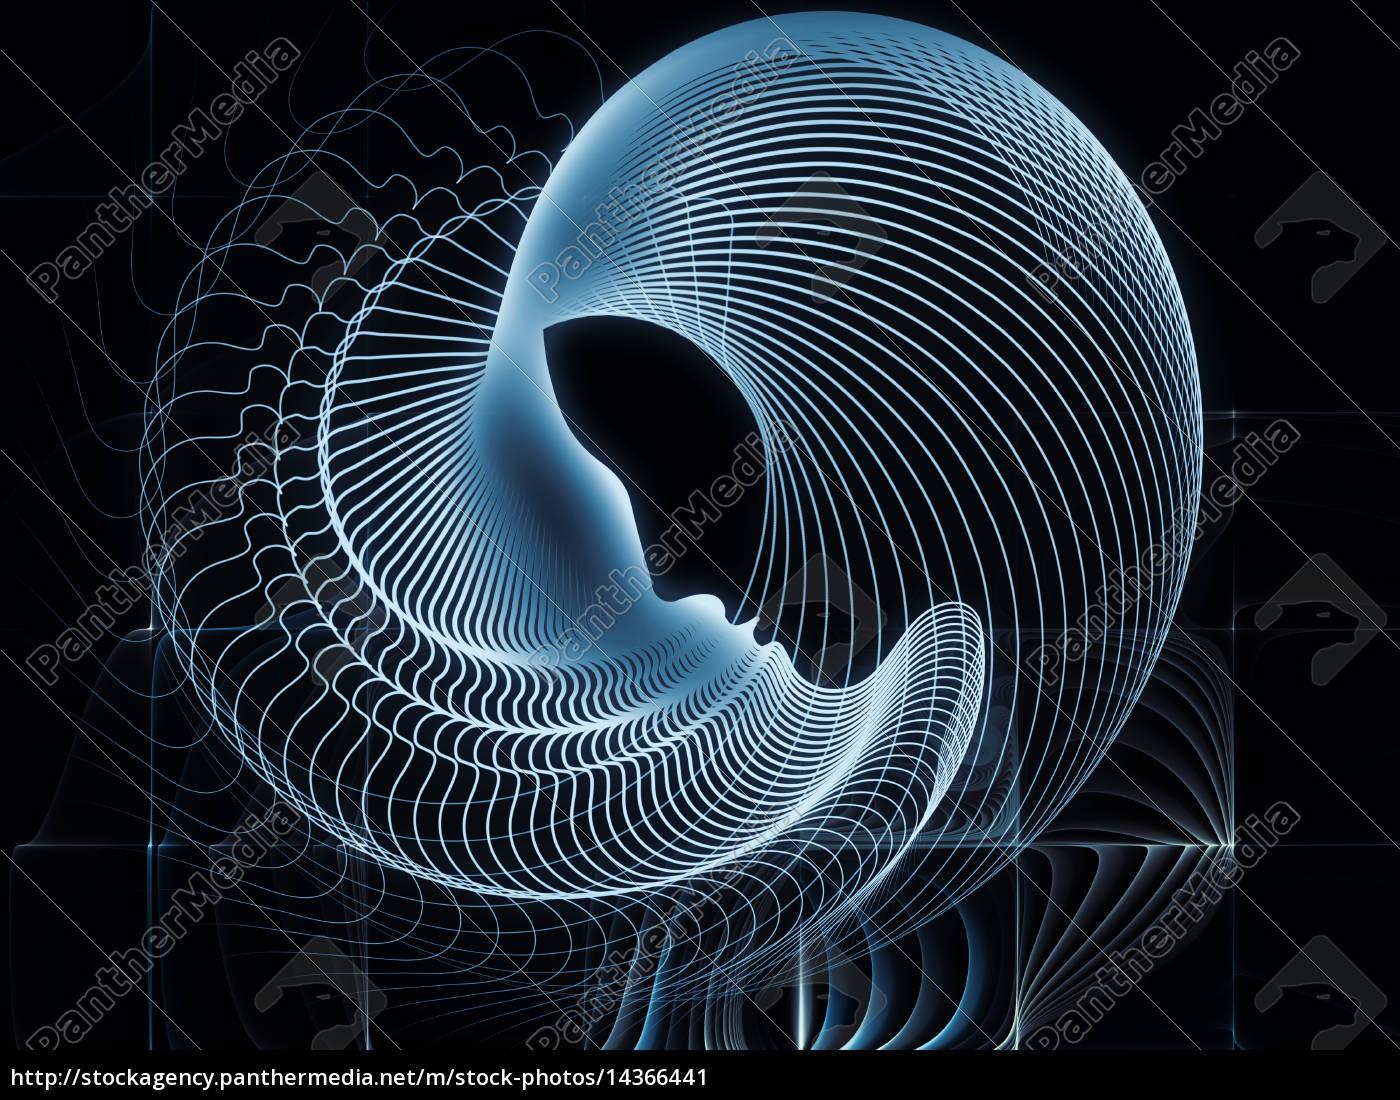 unfolding, of, soul, geometry - 14366441